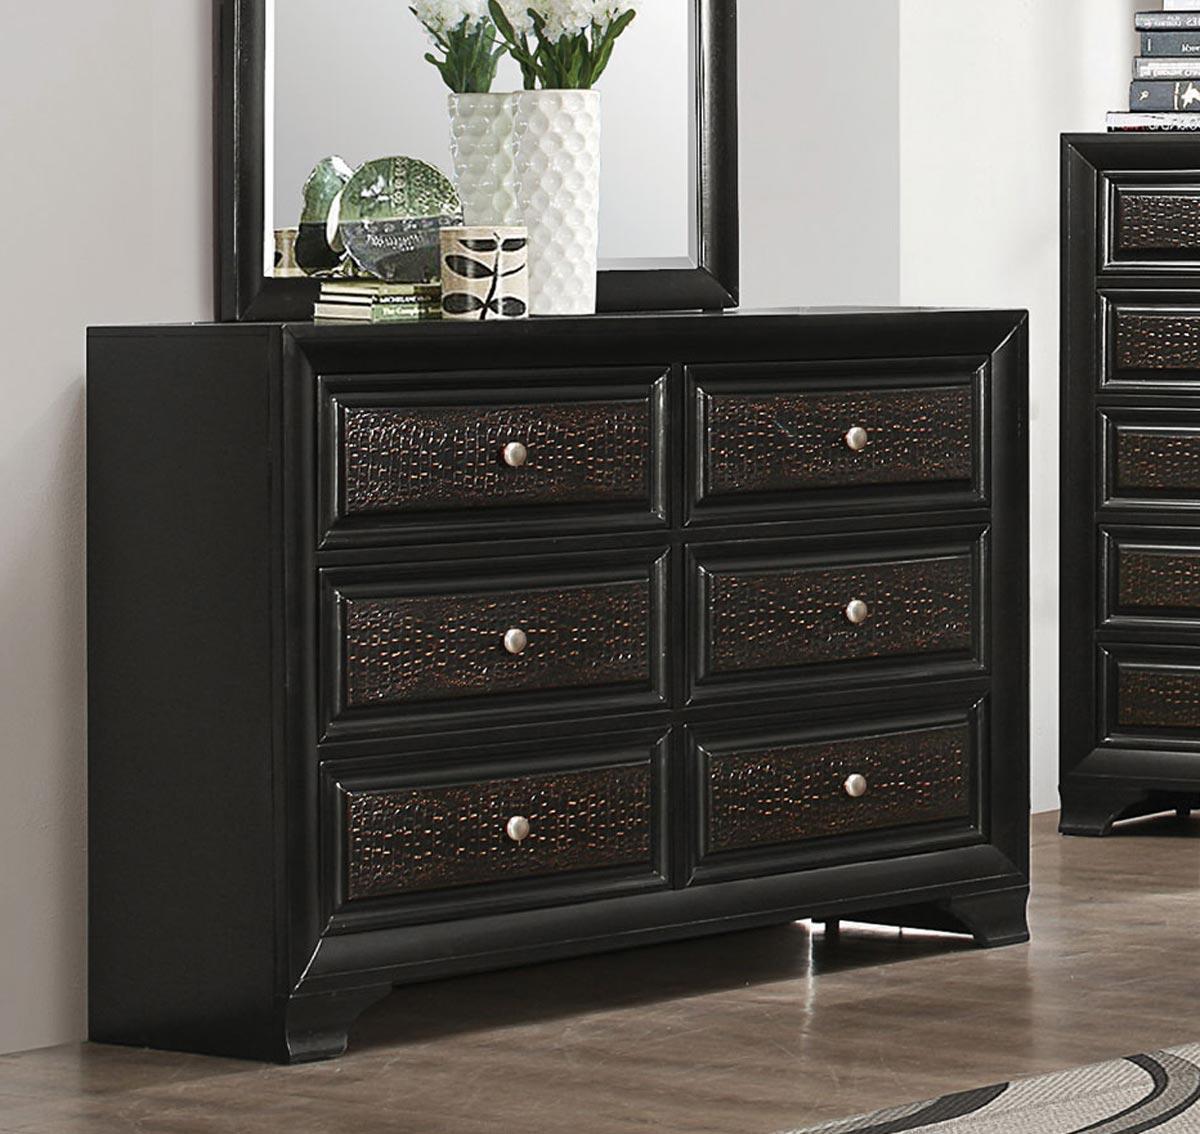 Coaster Delano Dresser - Rubbed Black